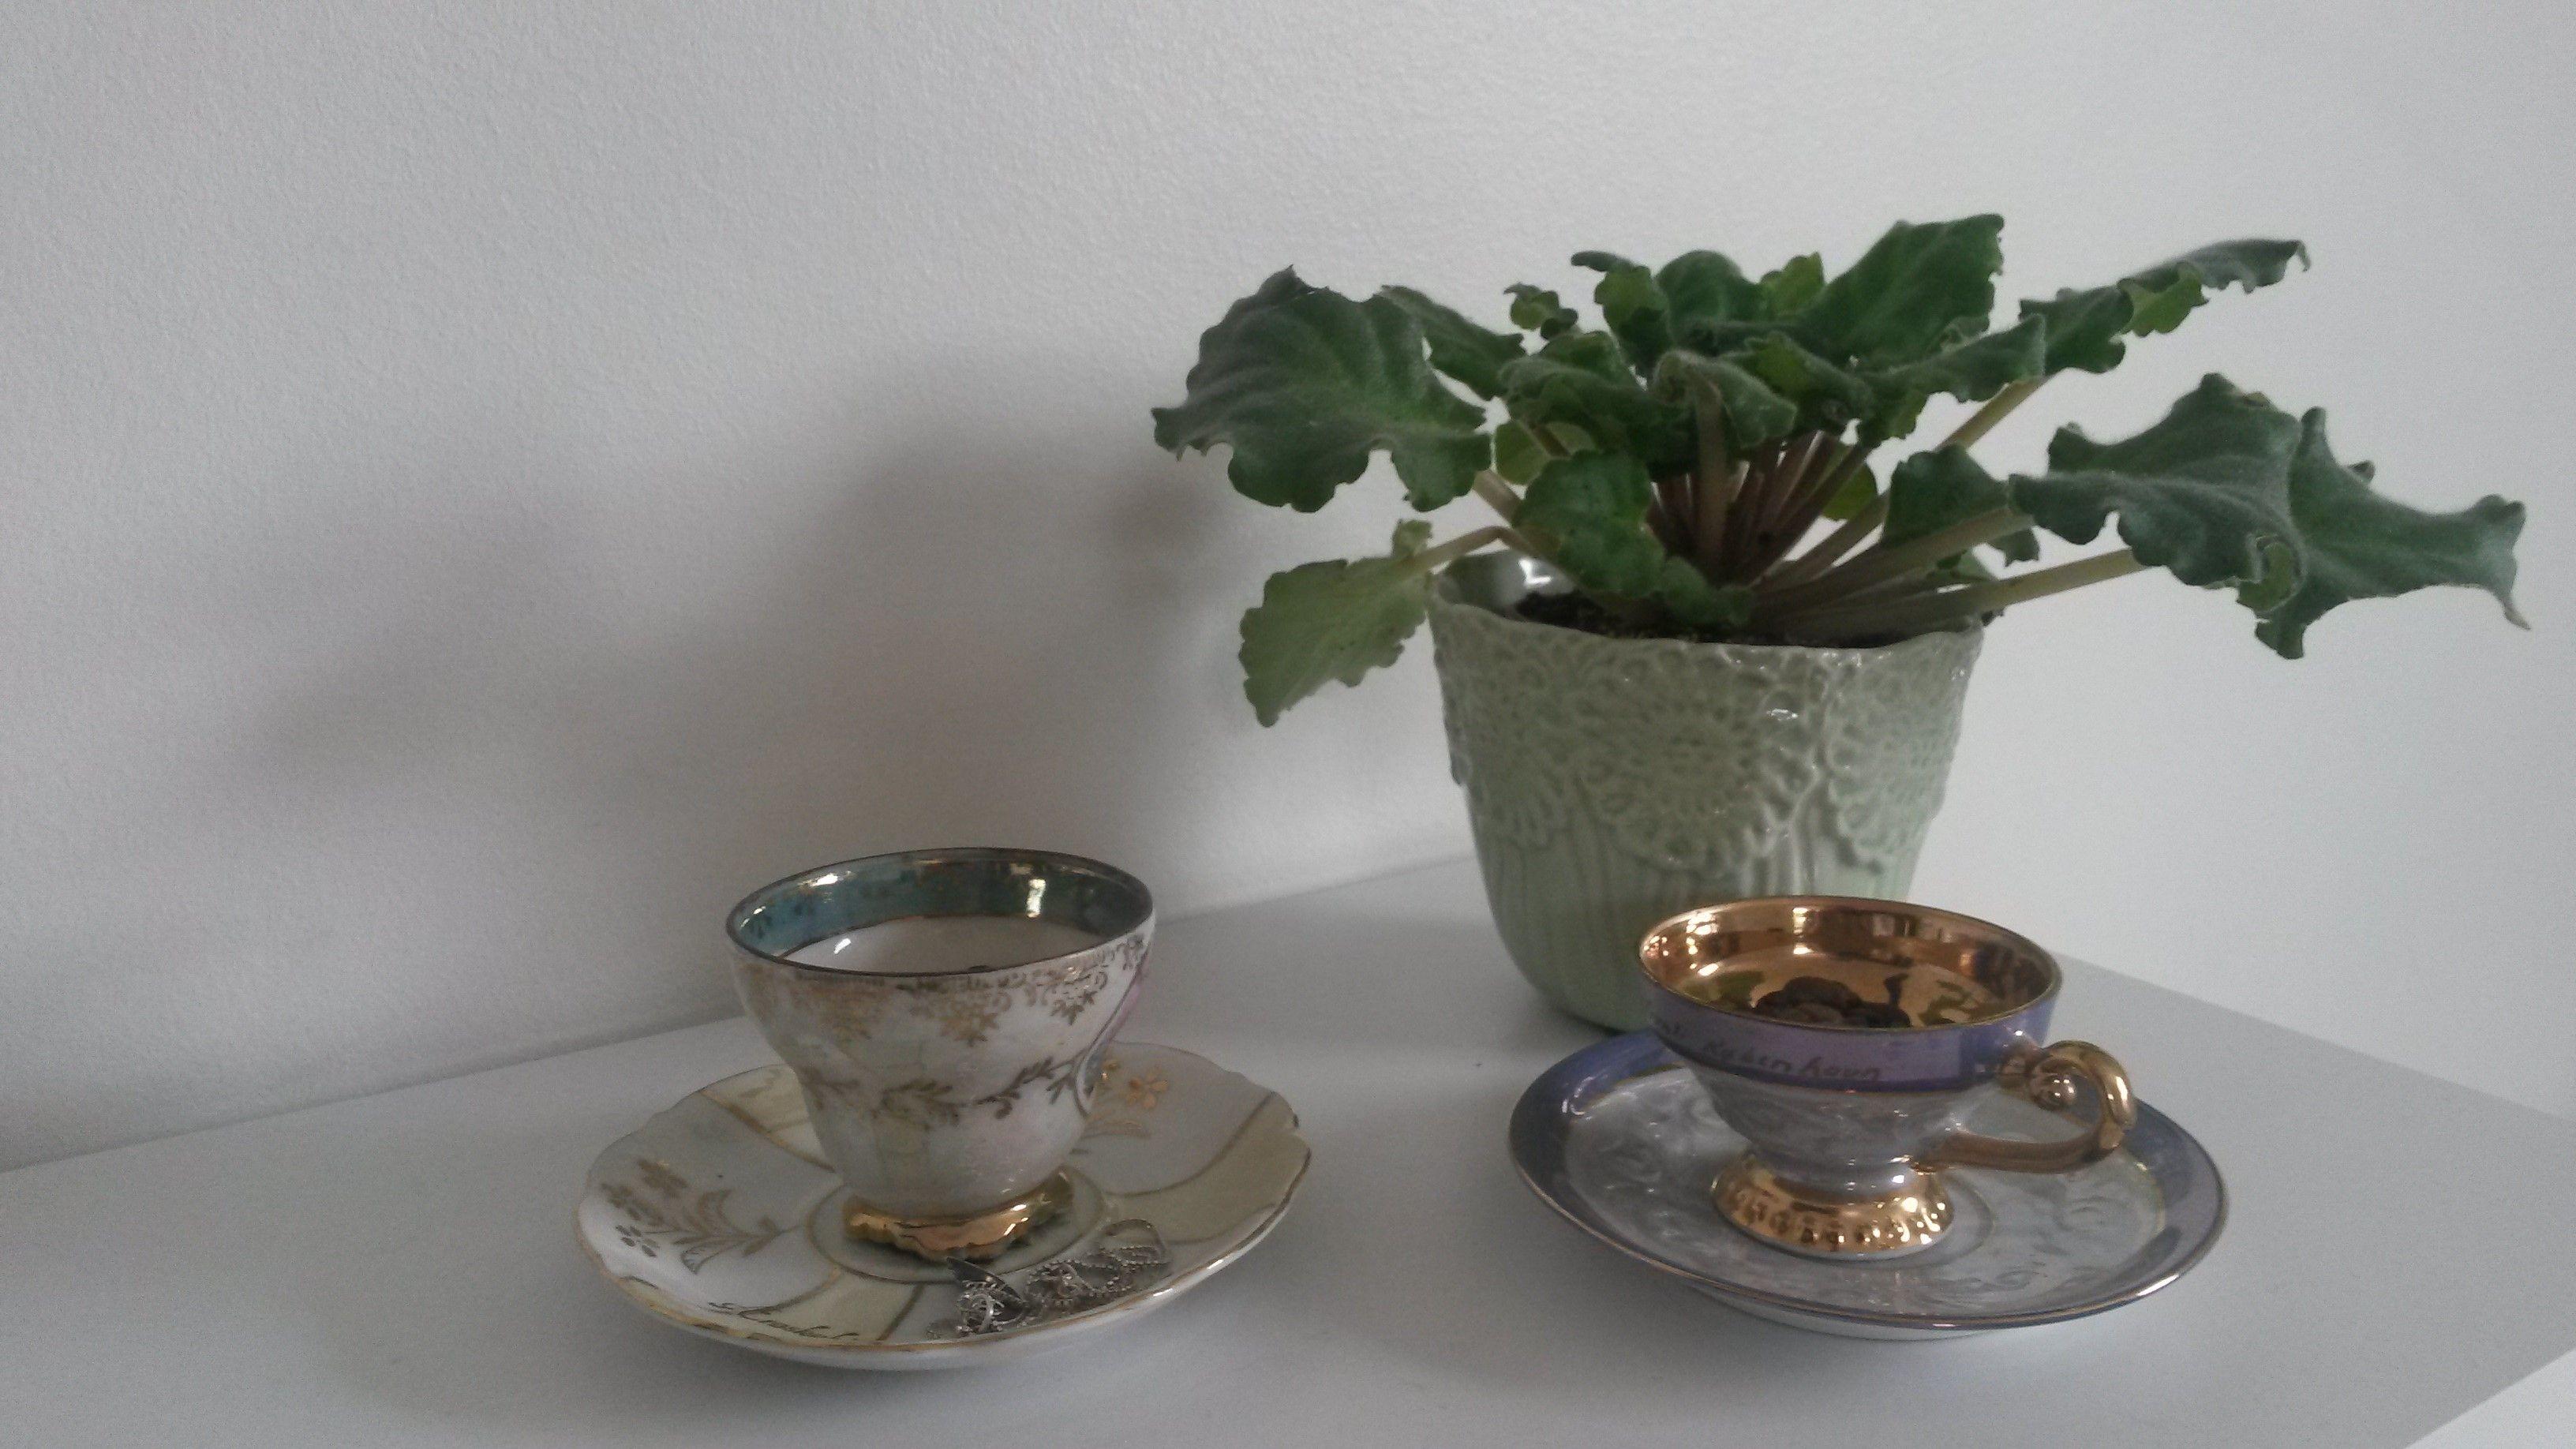 Noget nyt sat sammen med noget gammelt som f.eks. to te kopper på en ny kommode og sammen med en kroge med en plante i, det kan du også selv lave det er rigtig billigt du kan købe de gamle te kopper i en genbrugsbutik, du kan købe dem i de farver der passer til dit værelse. :D god fornøjelse <3